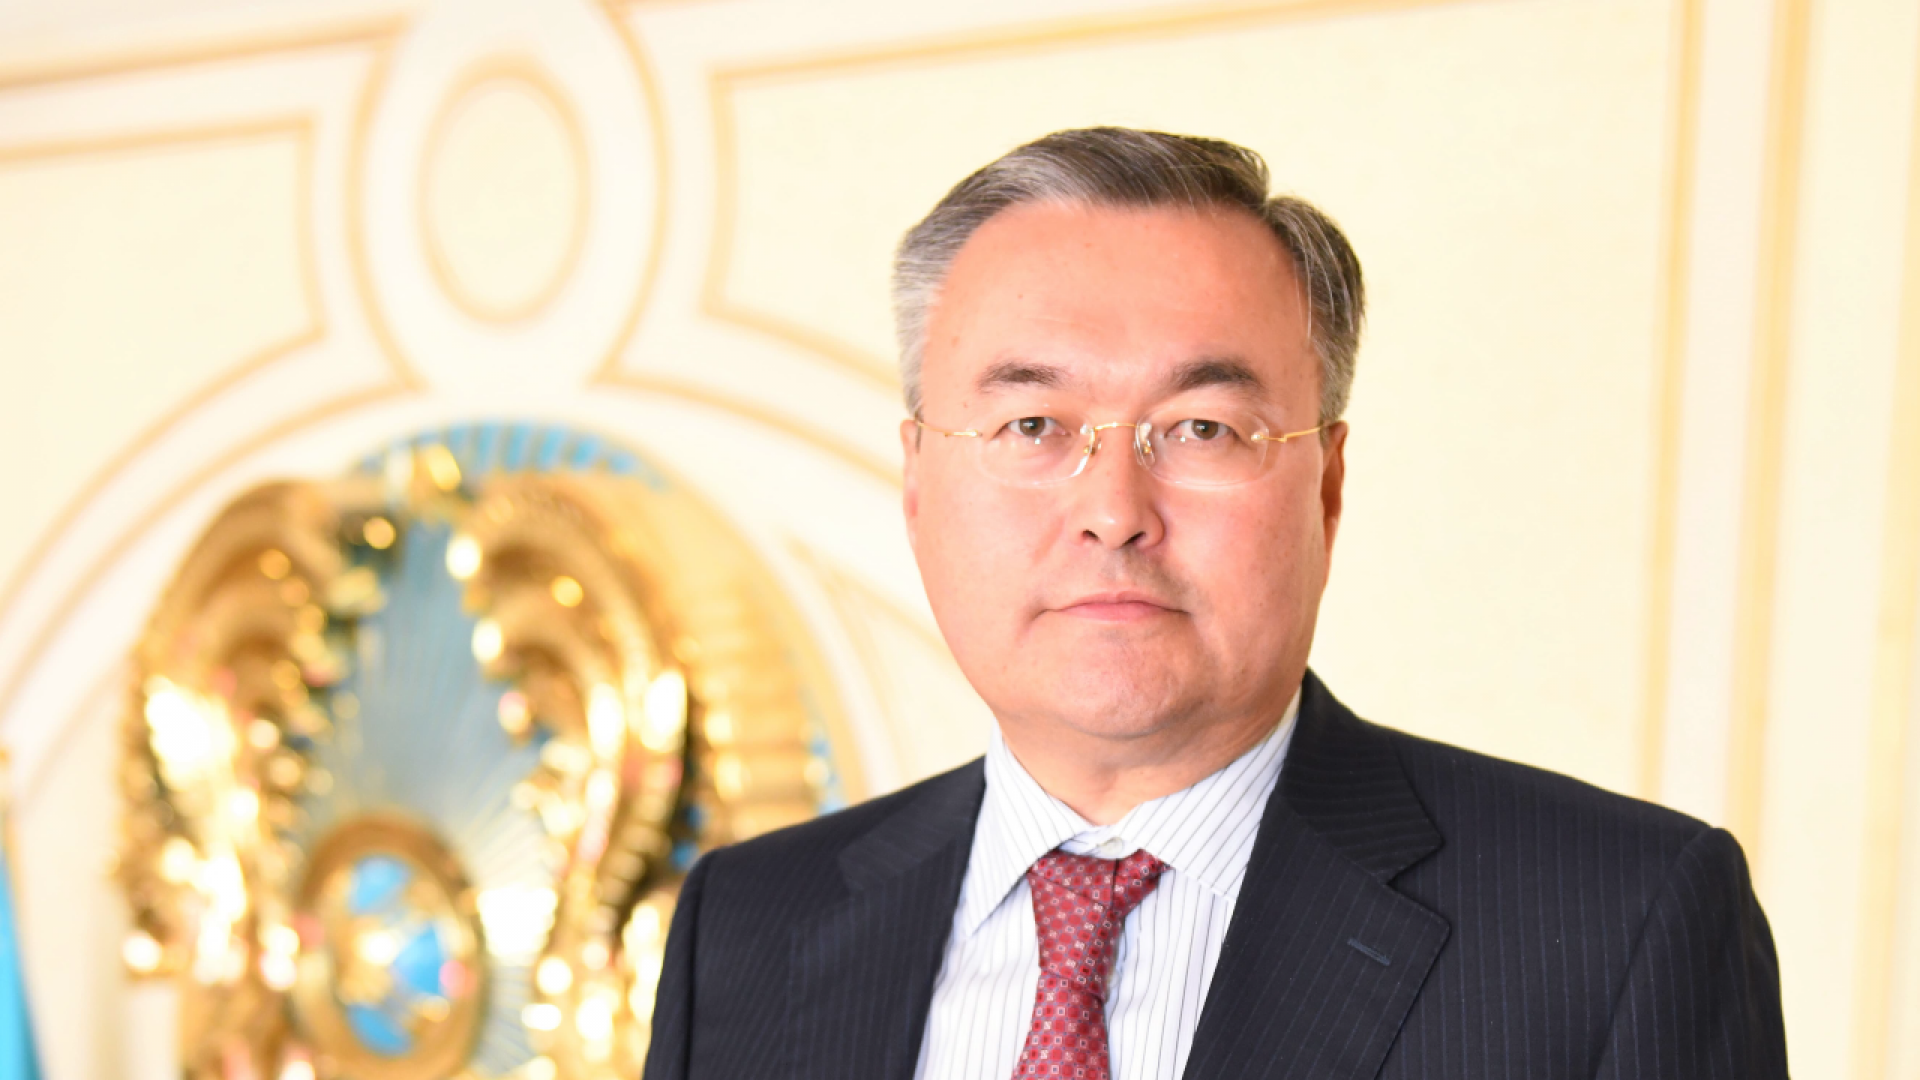 Замглавы МИД Казахстана получил сотрясение после семейного мероприятия